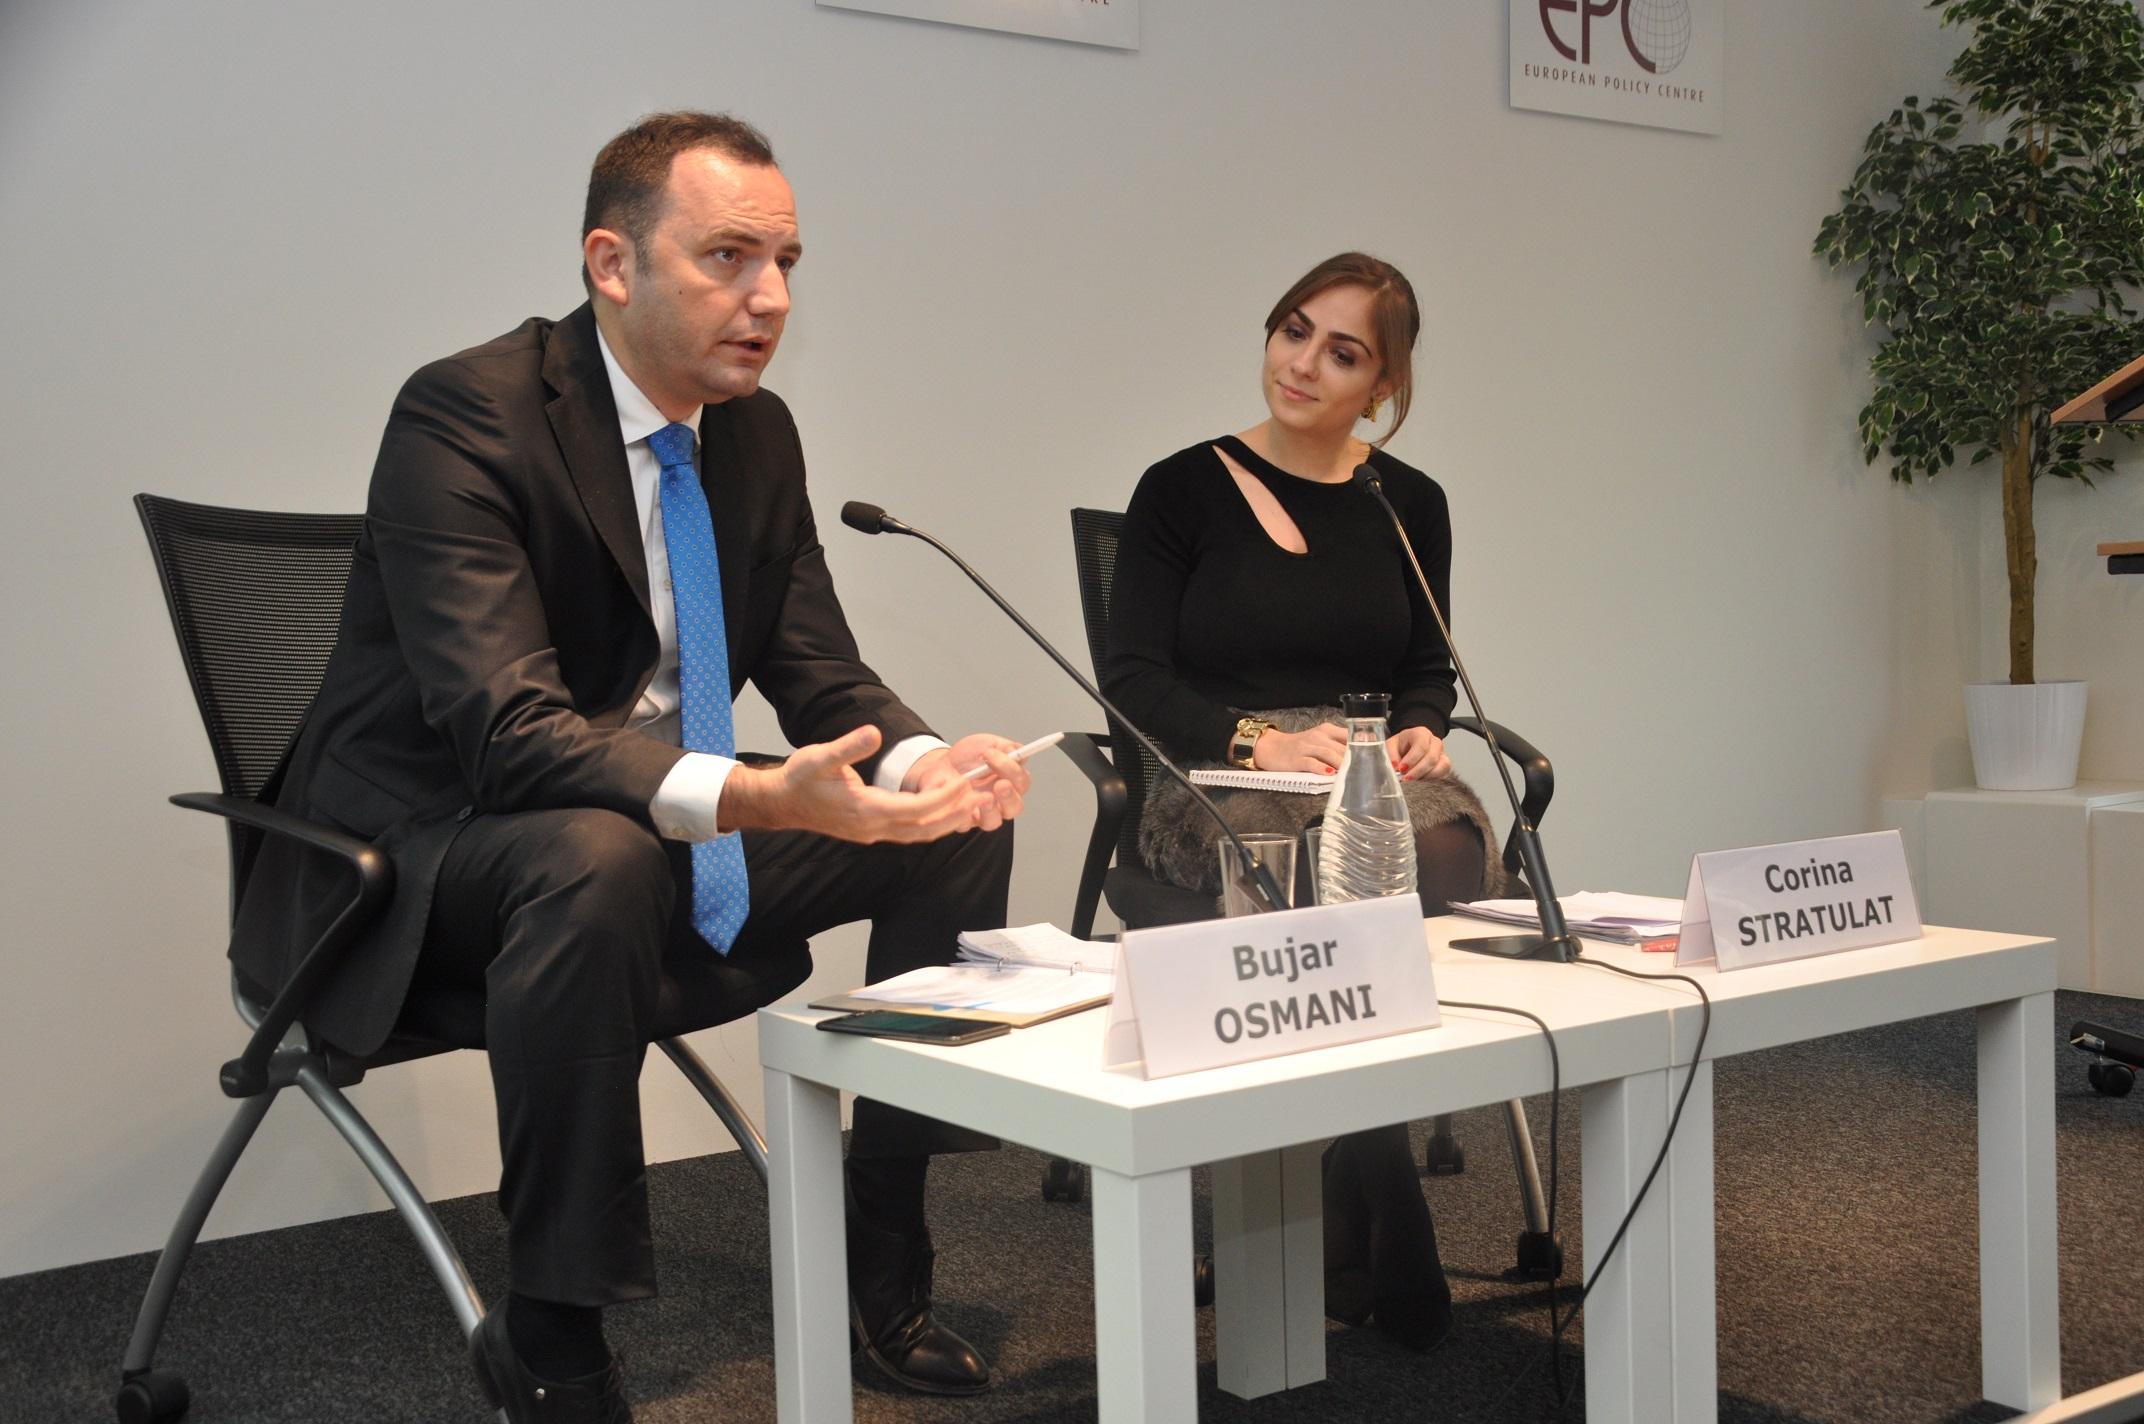 Османи  Имплементацијата на планот 3 6 9 води кон преговорите за членство во ЕУ